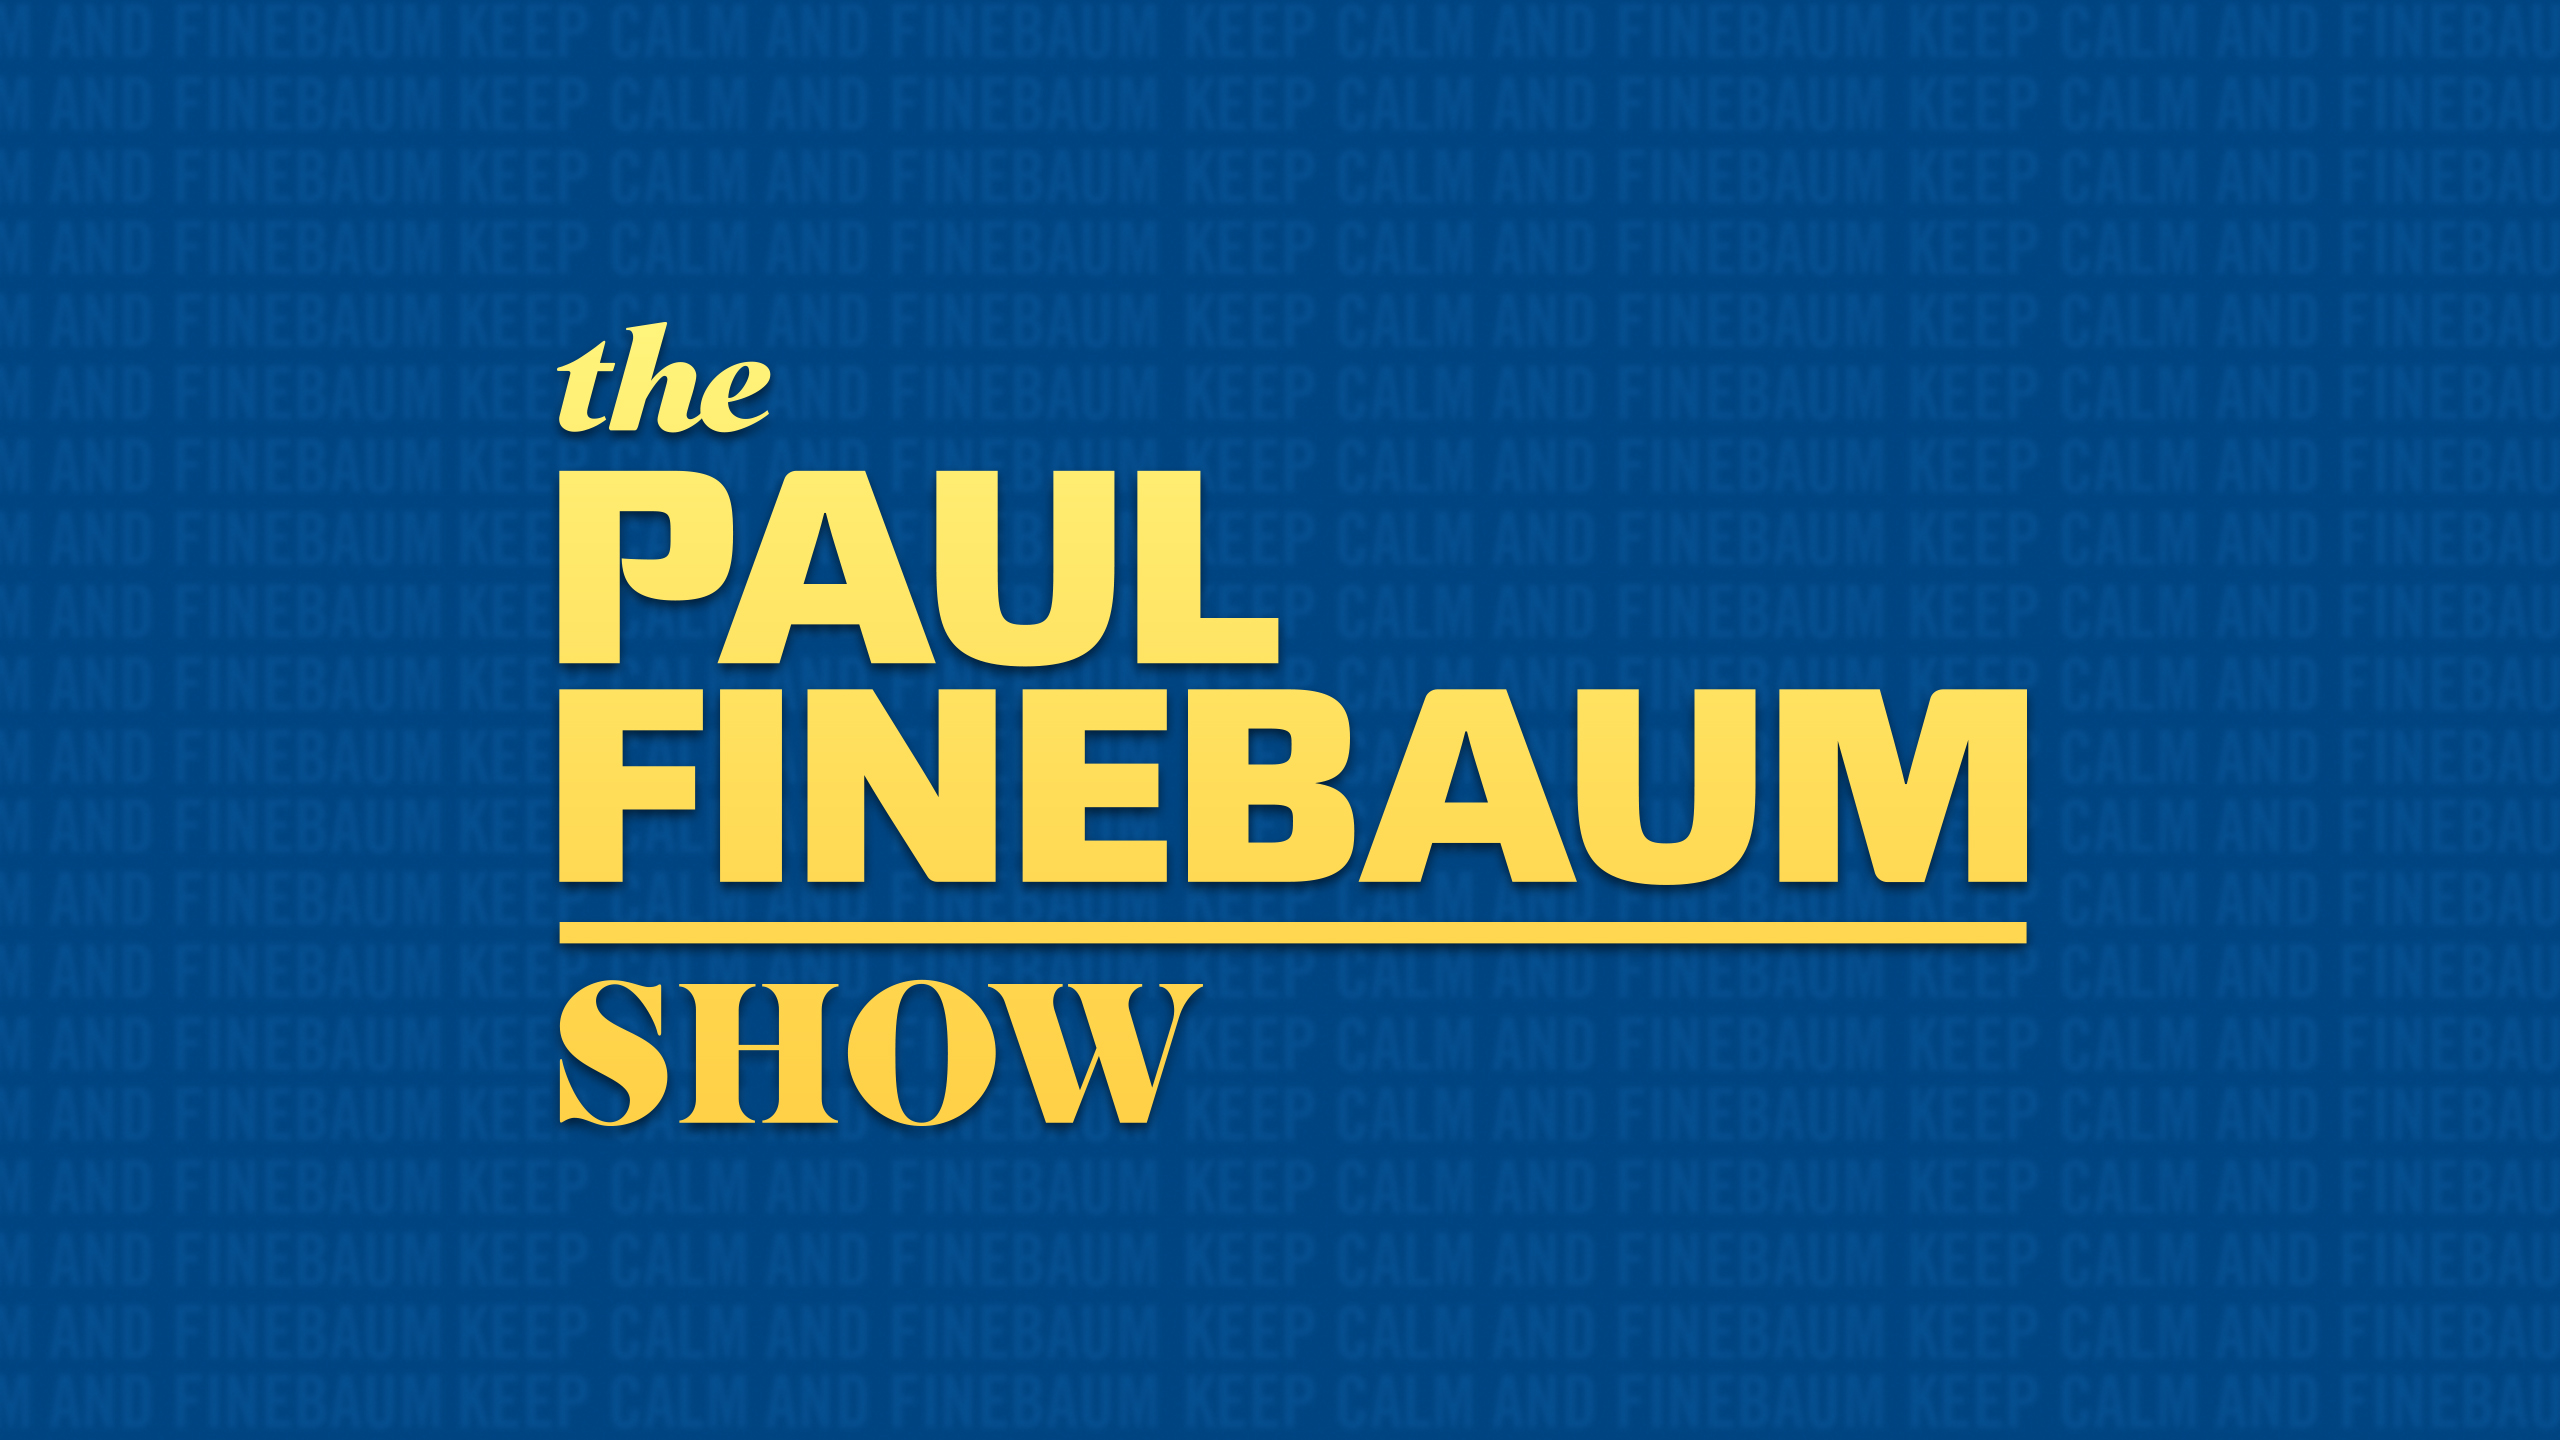 Tue, 11/13 - The Paul Finebaum Show